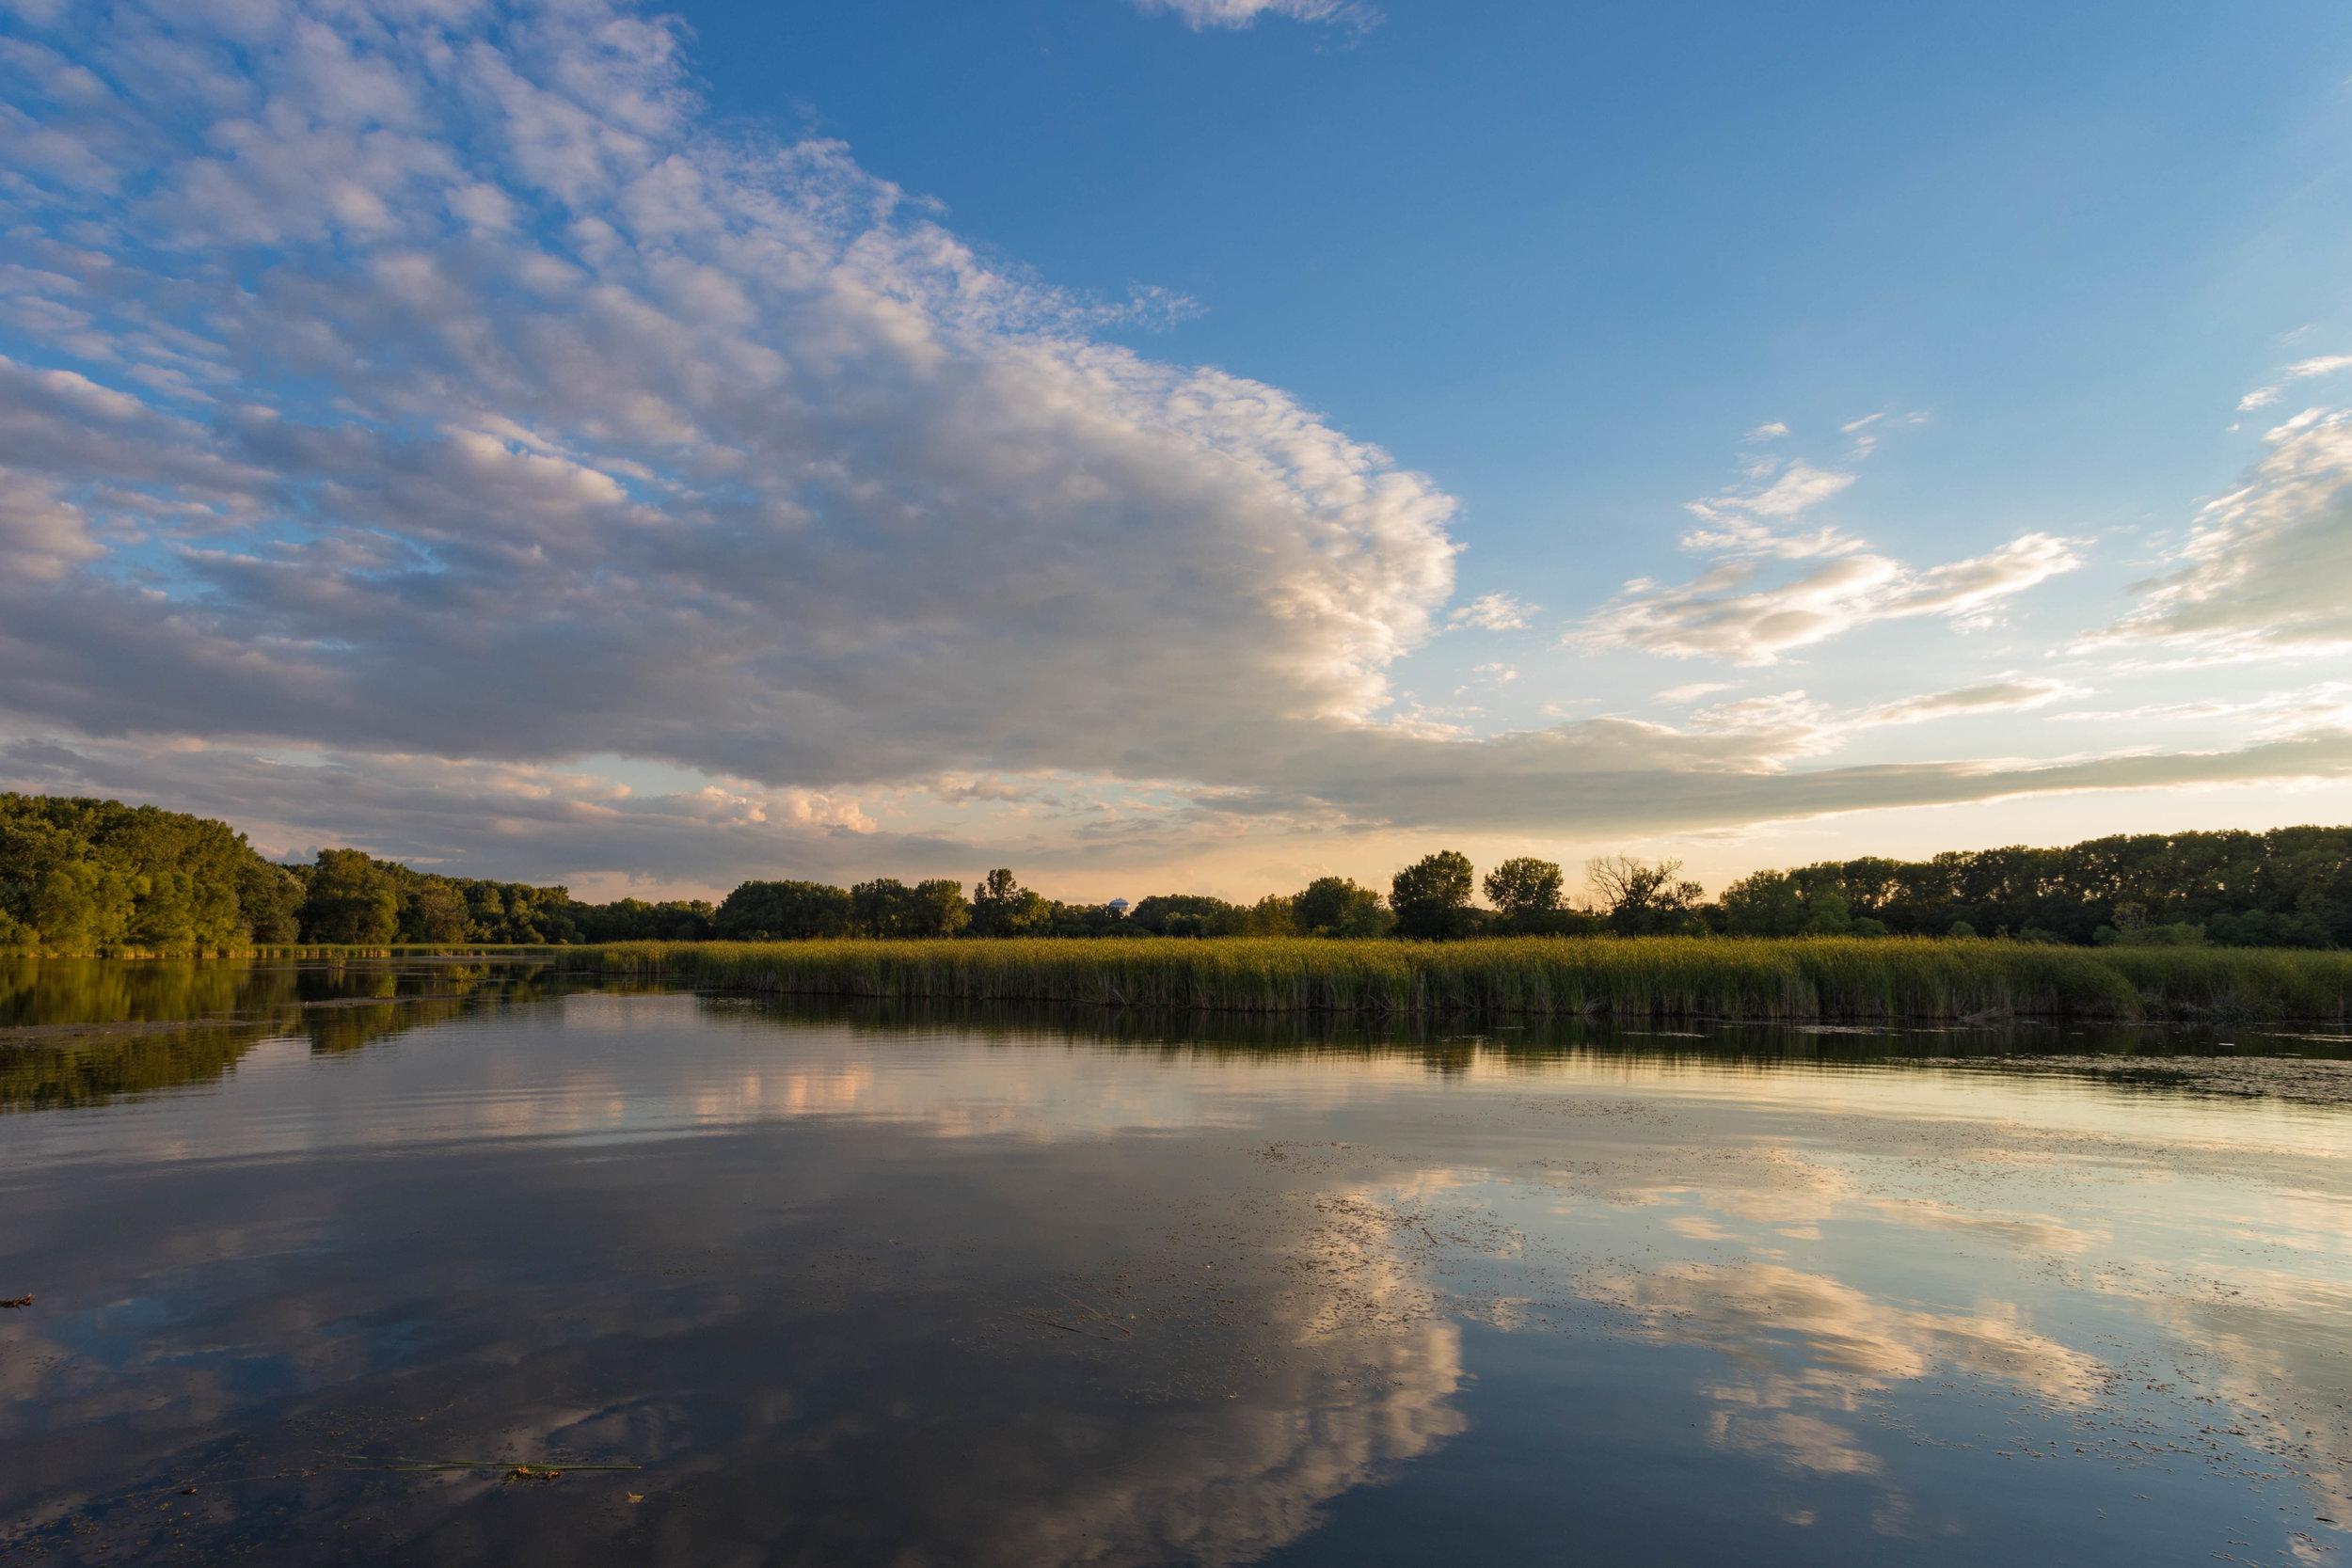 august 22, 2017  wood lake nature center - richfield, minnesota